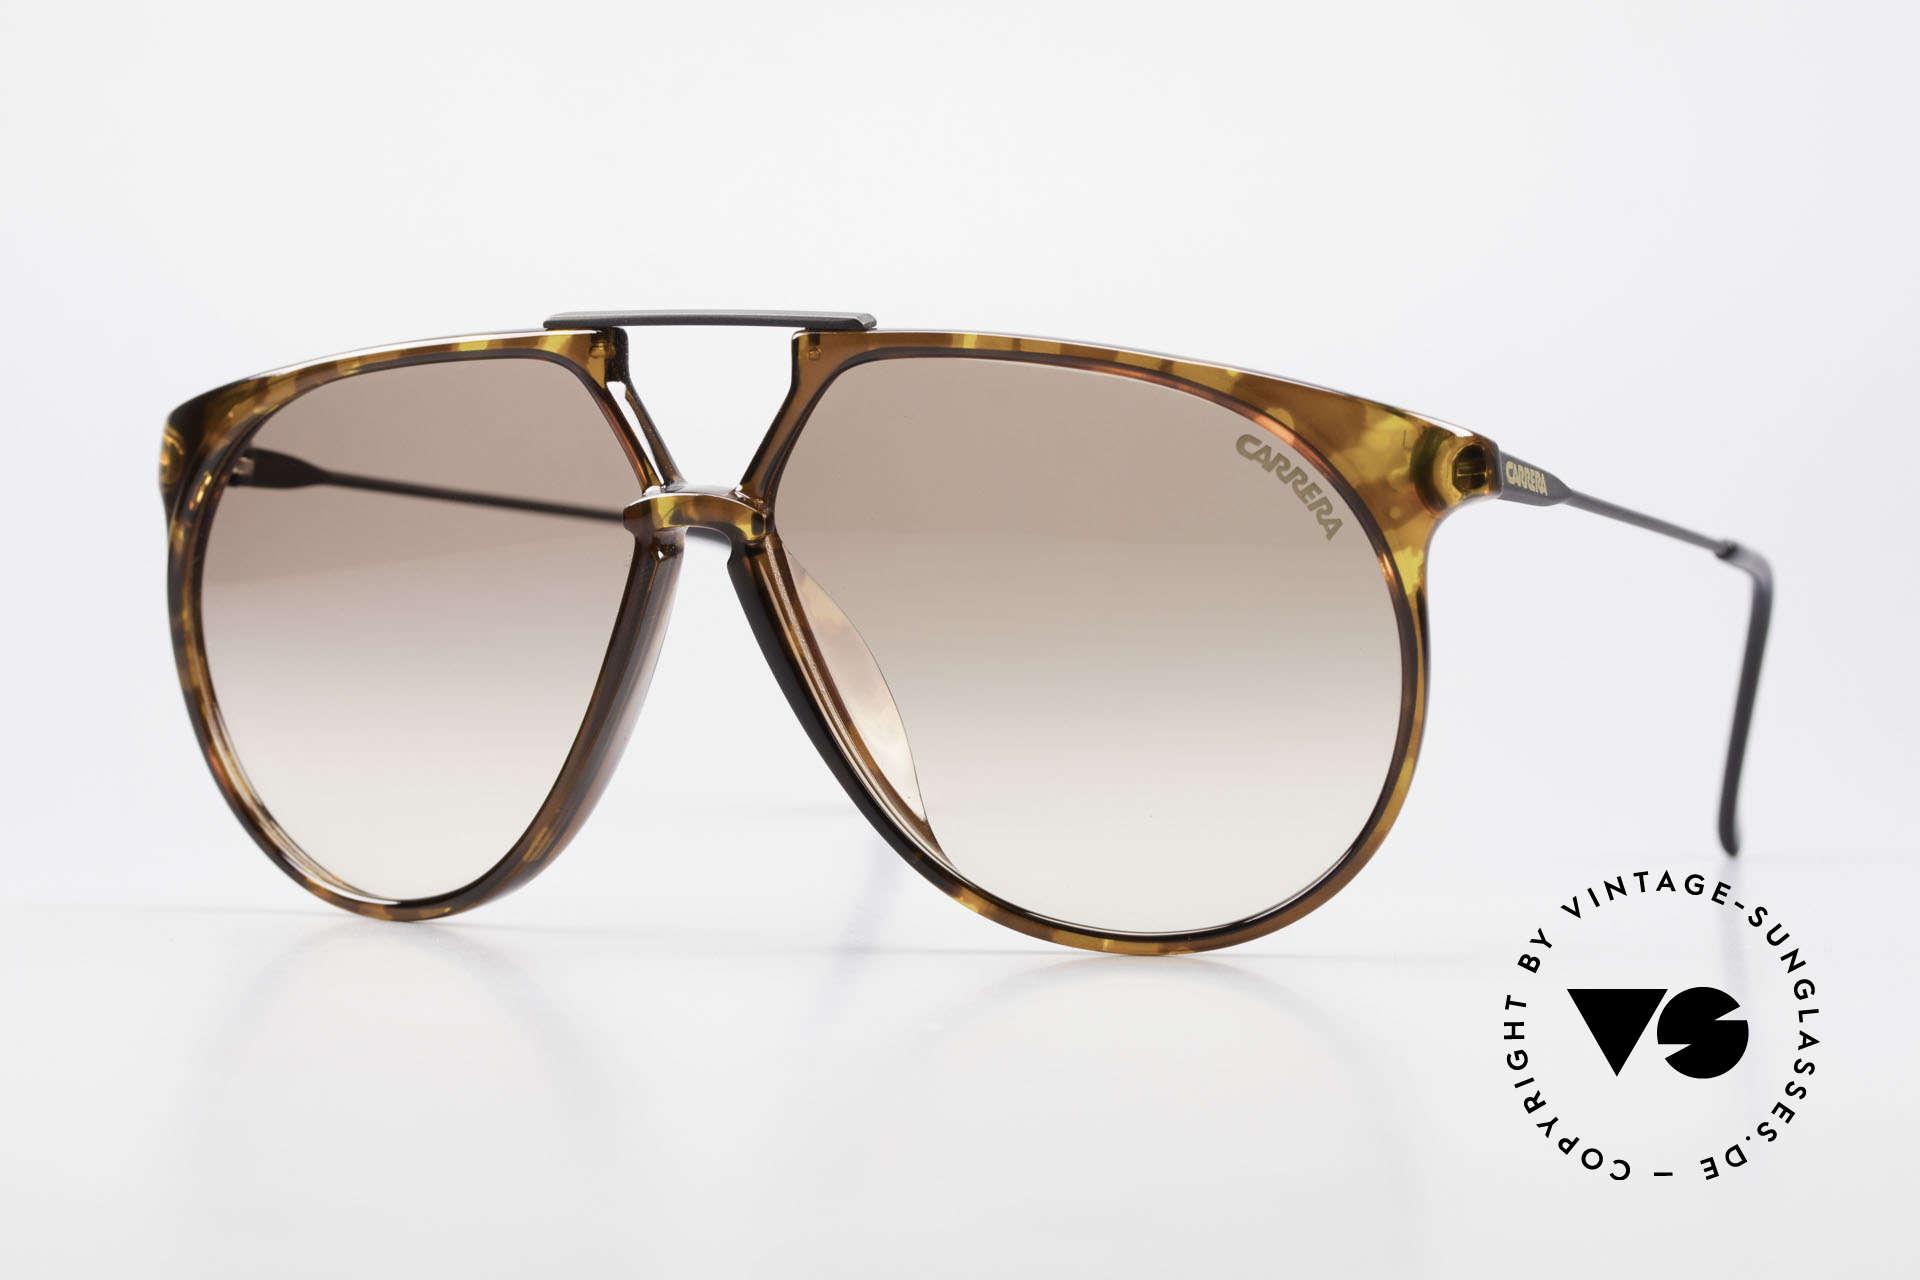 Carrera 5415 80s Sonnenbrille 2 Paar Gläser, vintage Carrera Sonnenbrille aus den 1980er Jahren, Passend für Herren